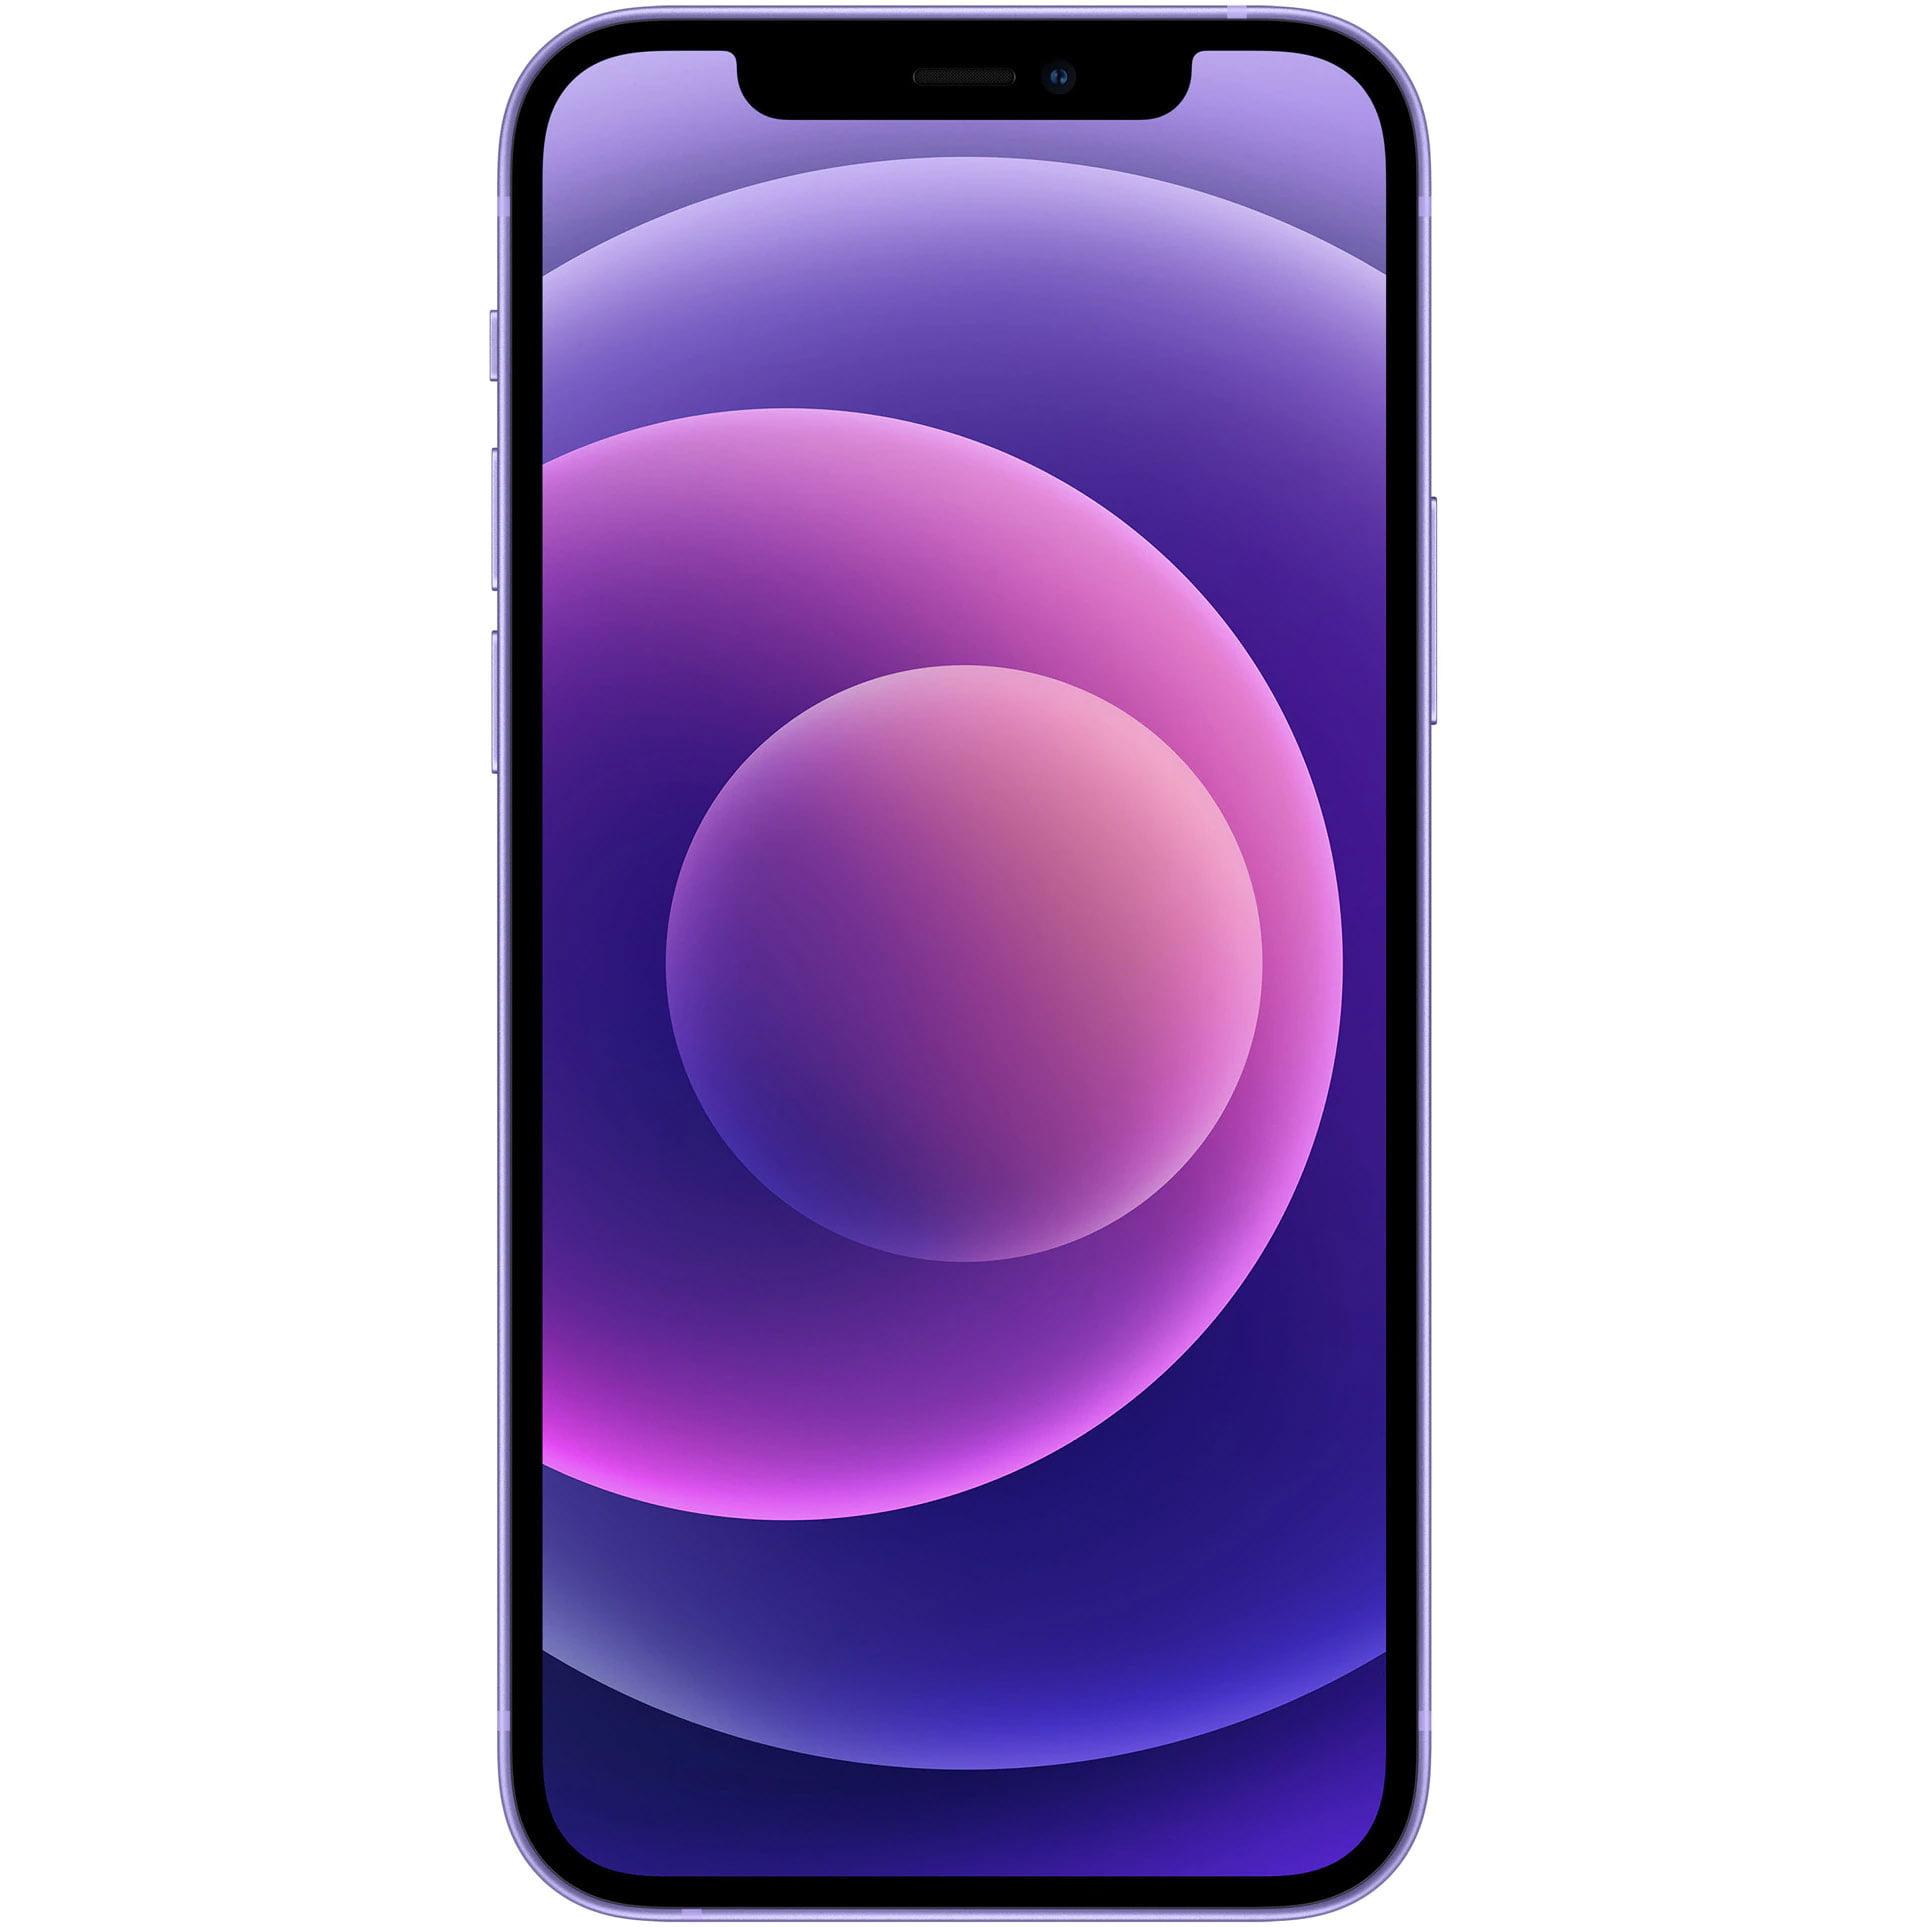 Telefon mobil Apple iPhone 12 mini, 256GB, 4GB RAM, 5G, Purple